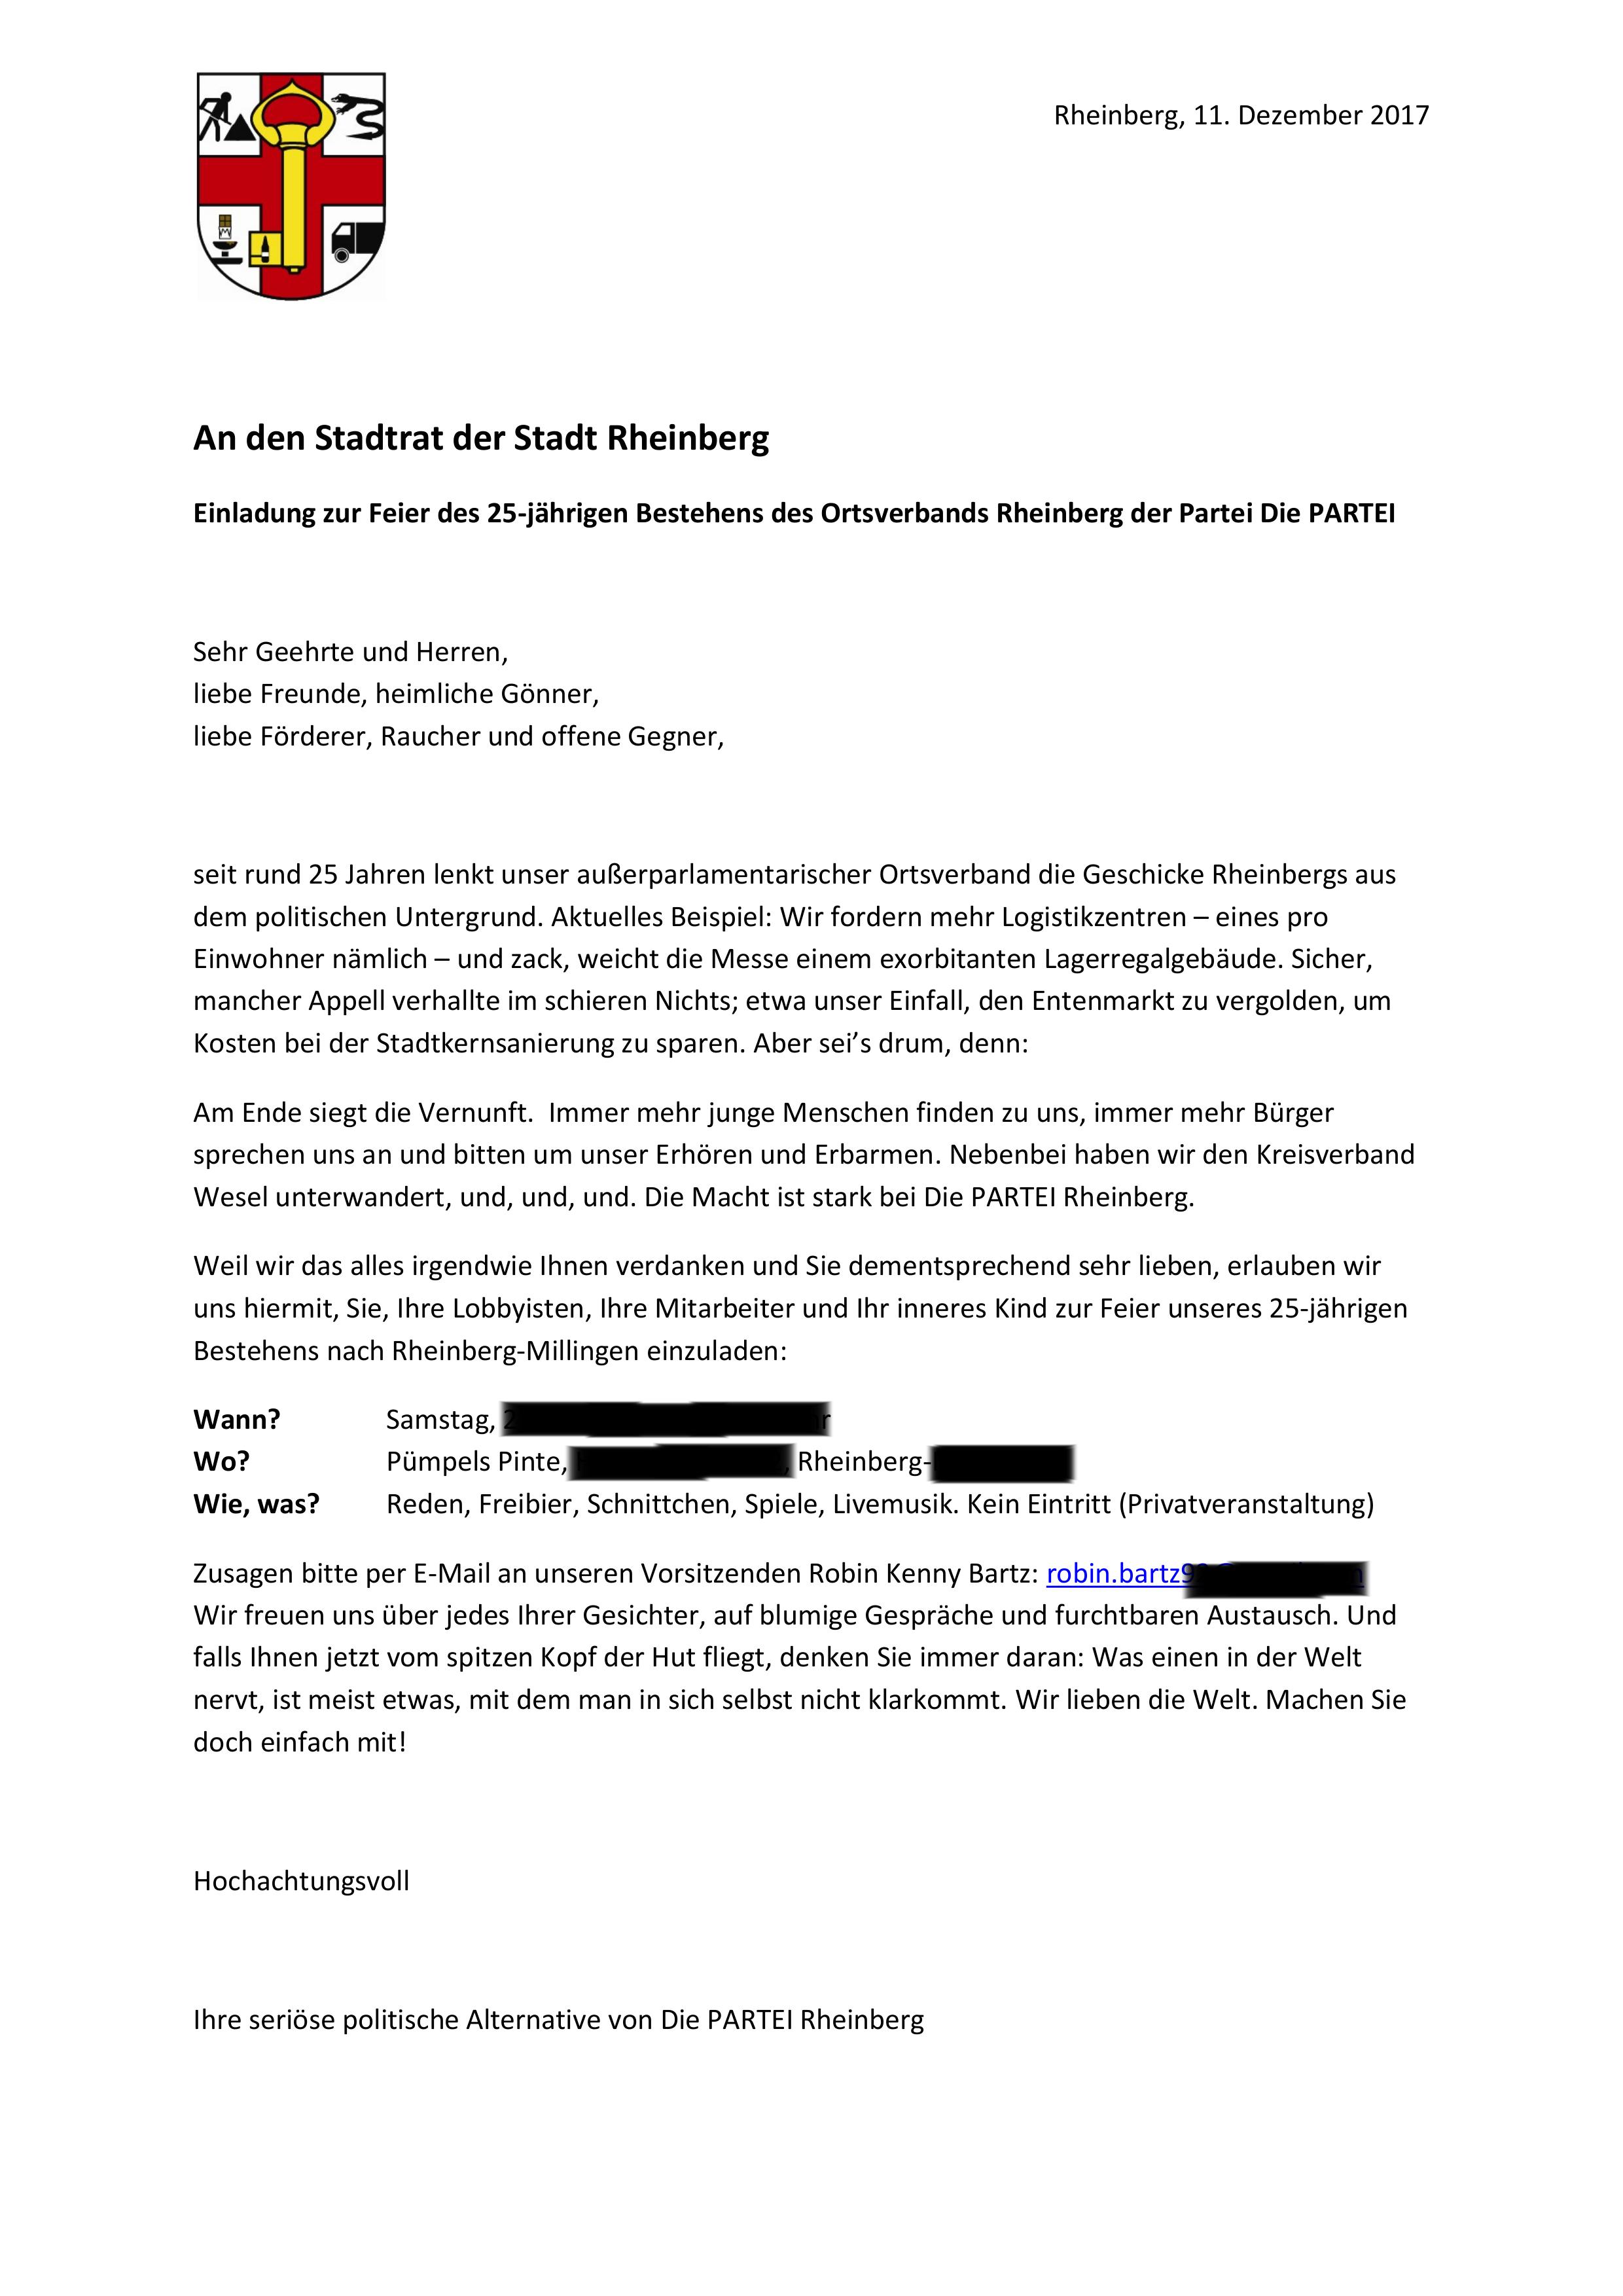 Offener Brief An Den Stadtrat Die Partei Rheinberg